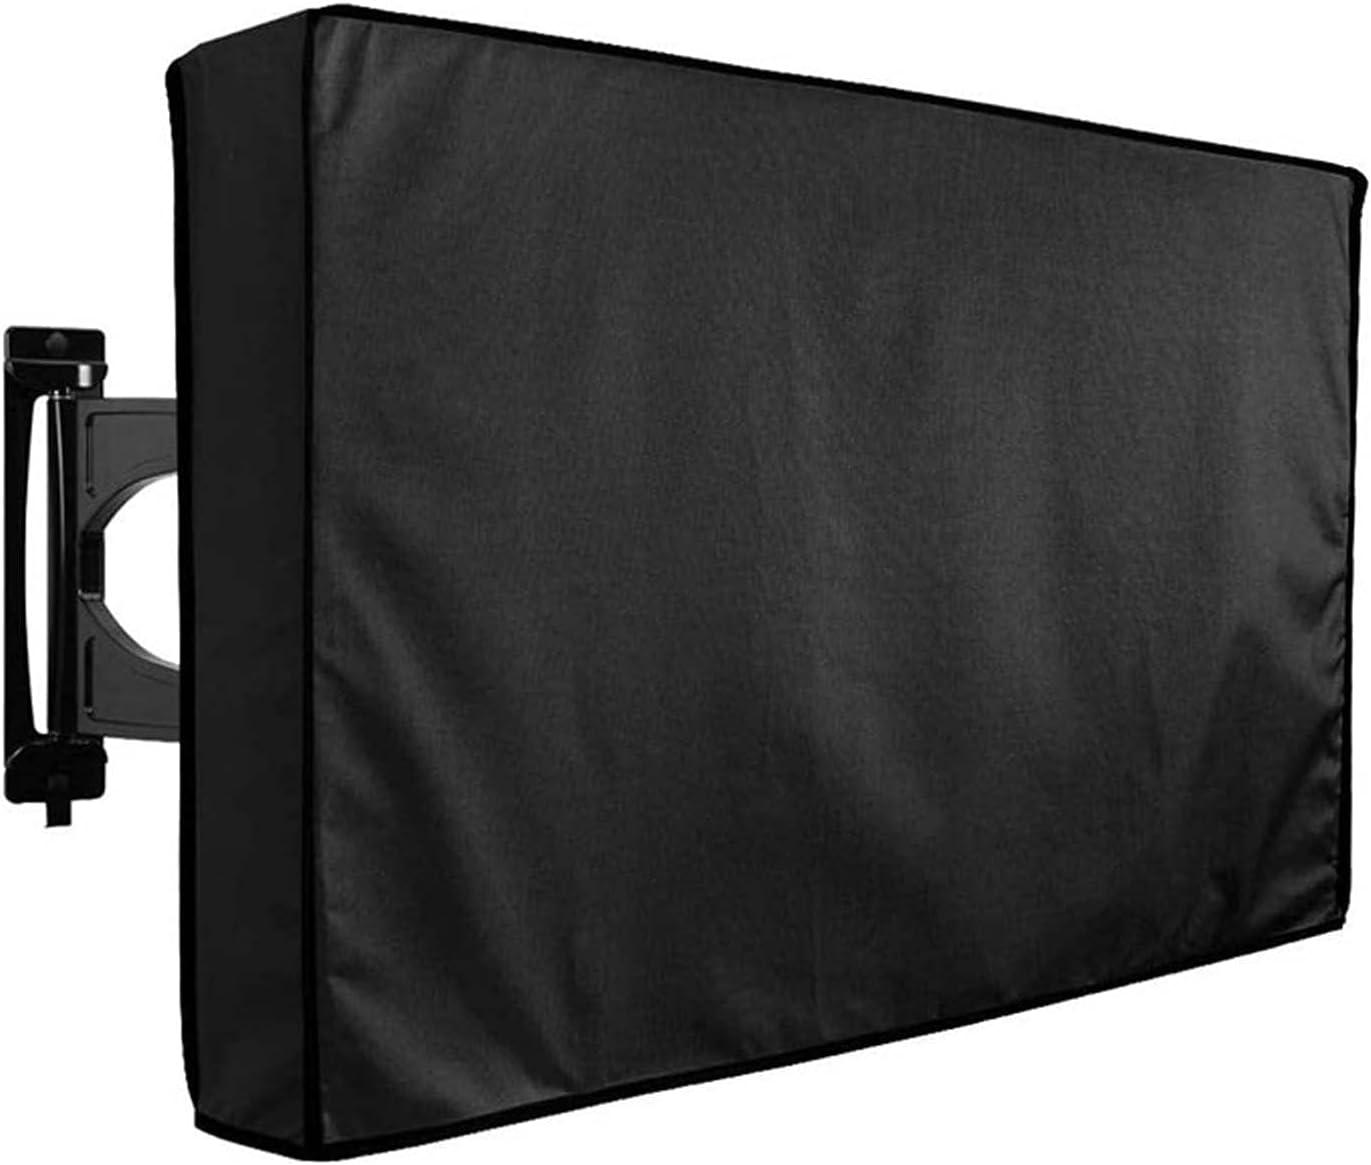 HTLLT Cubierta de LCD TV Marco de Fotos Cubierta de Polvo Cubierta de LCD para Exteriores Cubierta de Protección de Mural de Jardín,60-65in